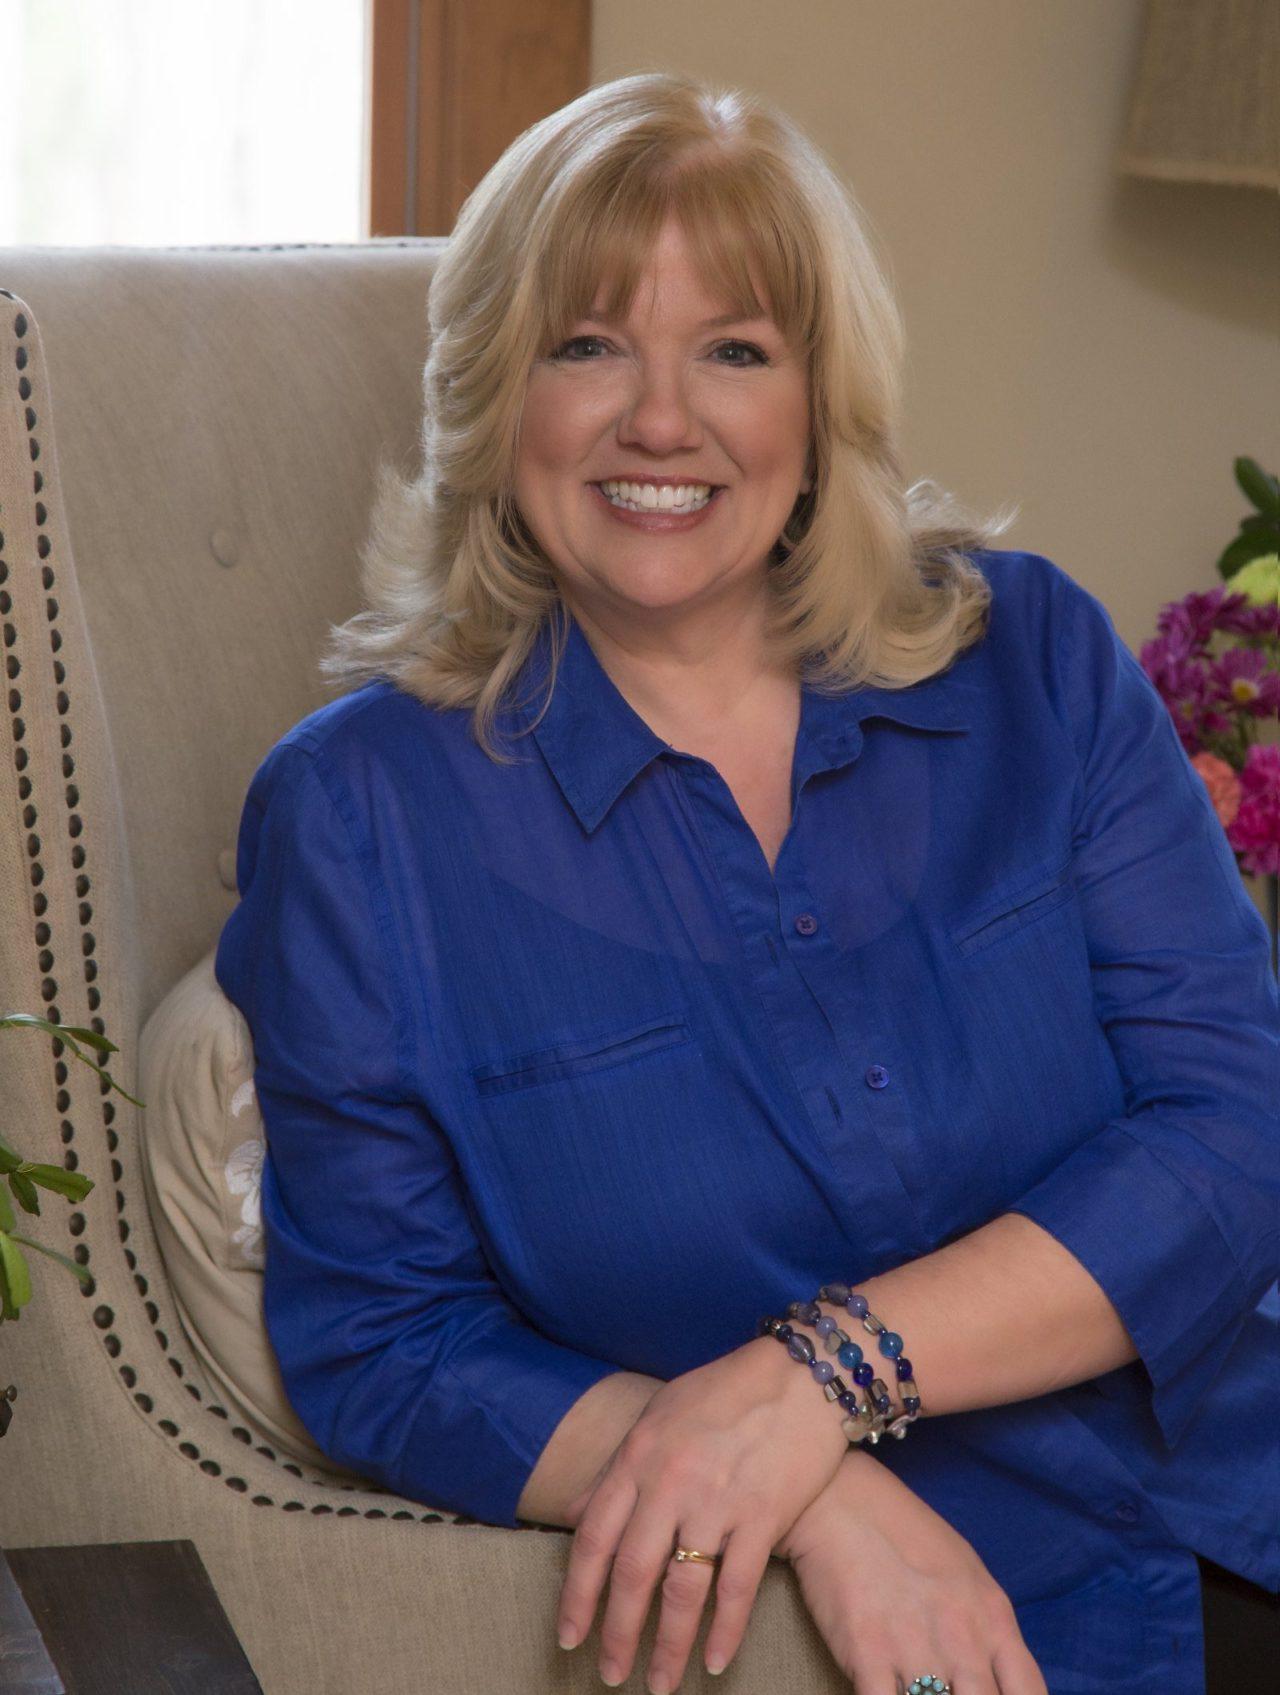 Today's guest Bobbie McGrath